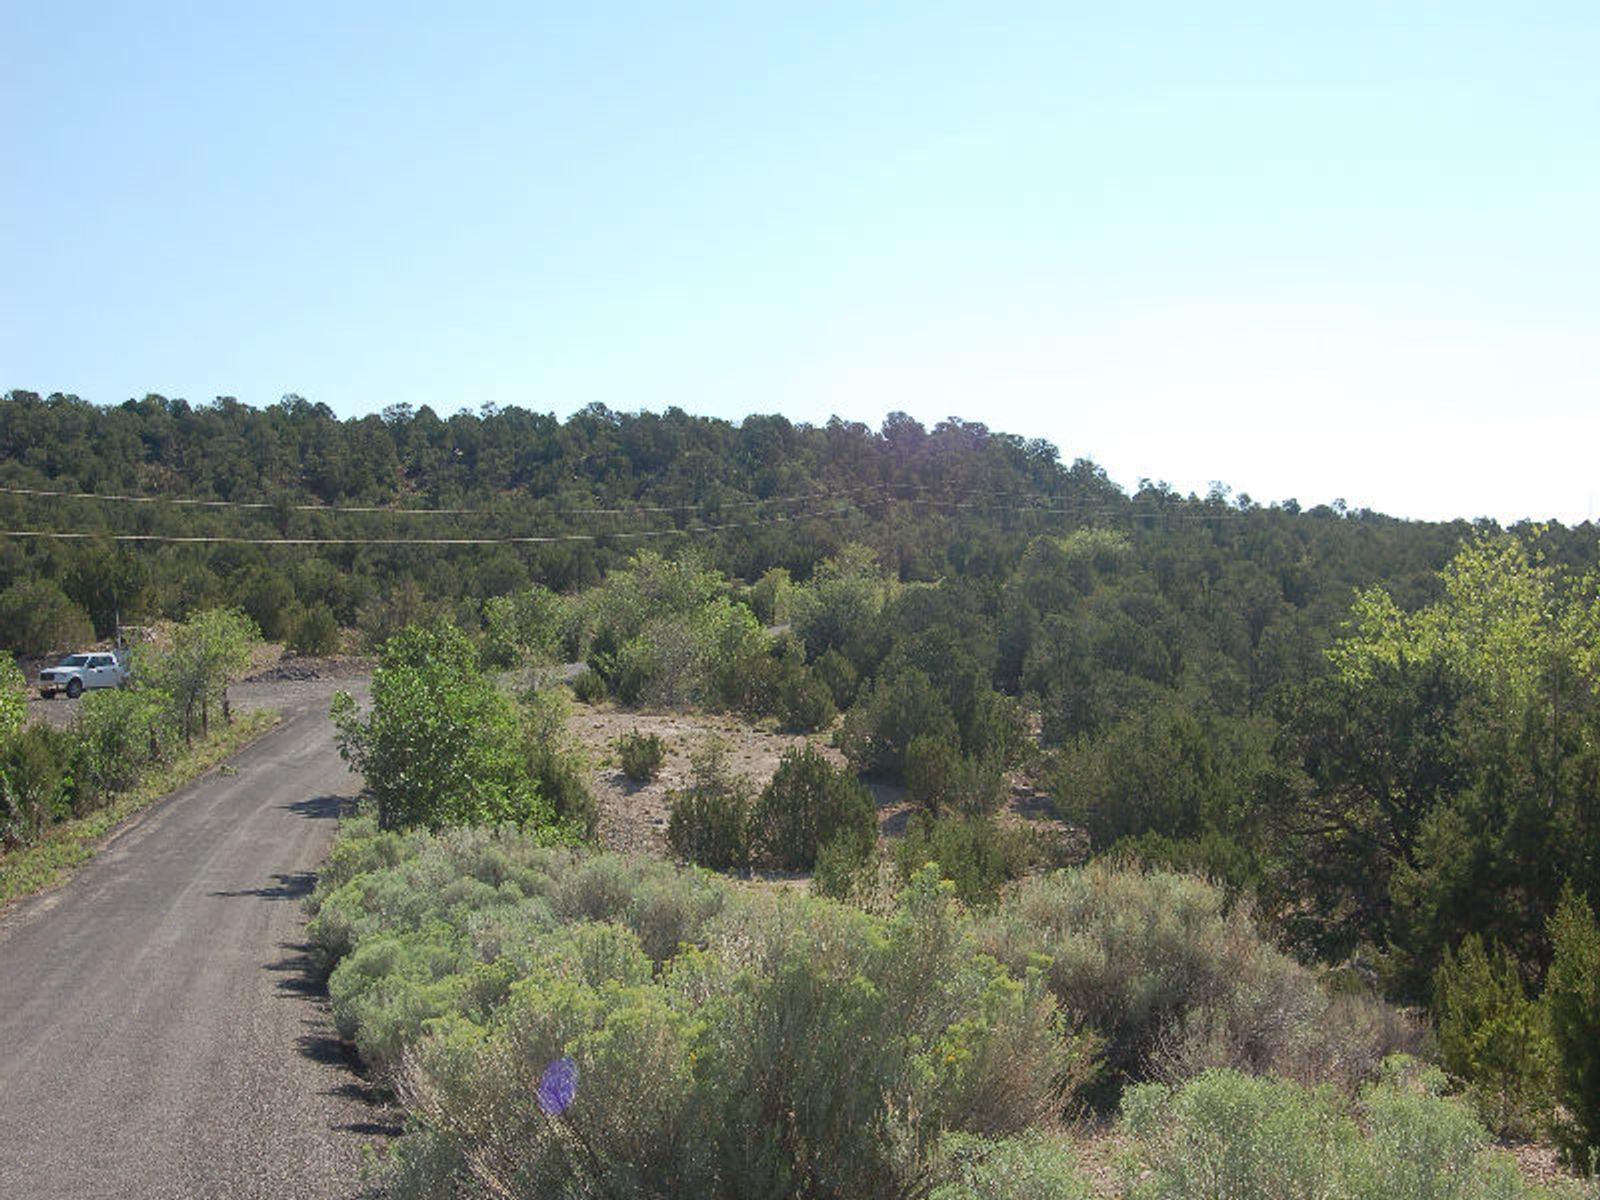 San Ysidro County Rd B43B